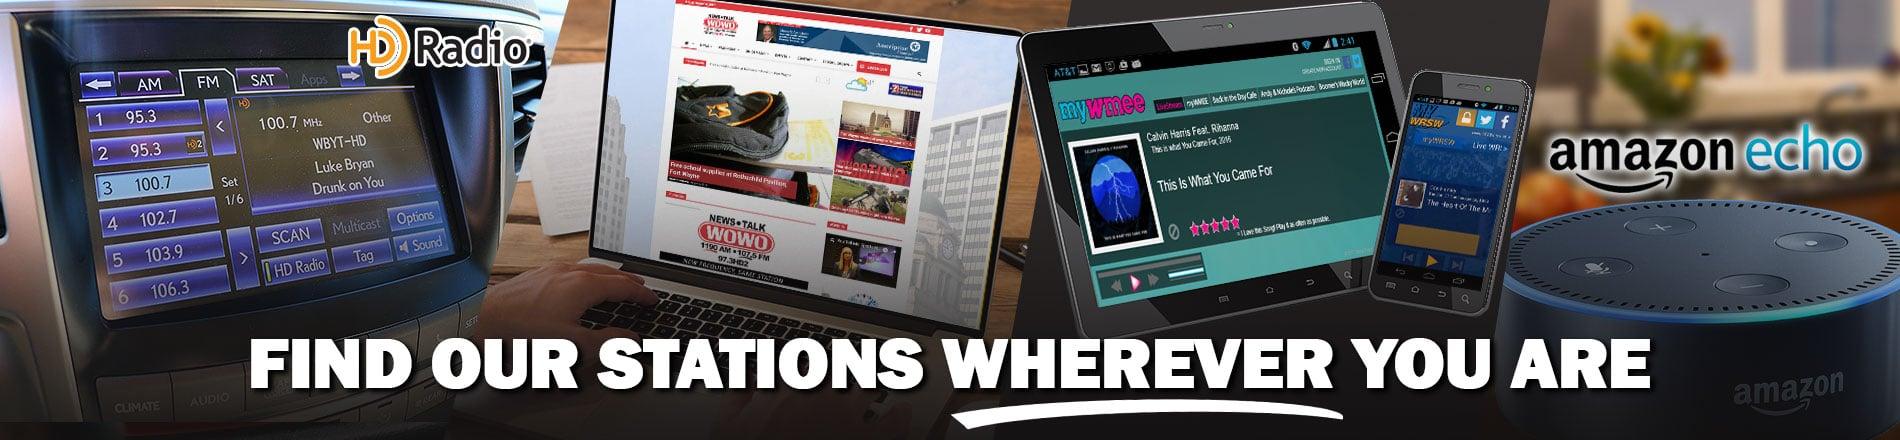 Federated Media - Radio 4.0. Il futuro indoor (ma non solo) sarà degli Smart Speaker: Federated Media scommette sui nuovi device che rinnovano il parco ricevitori FM stanziali